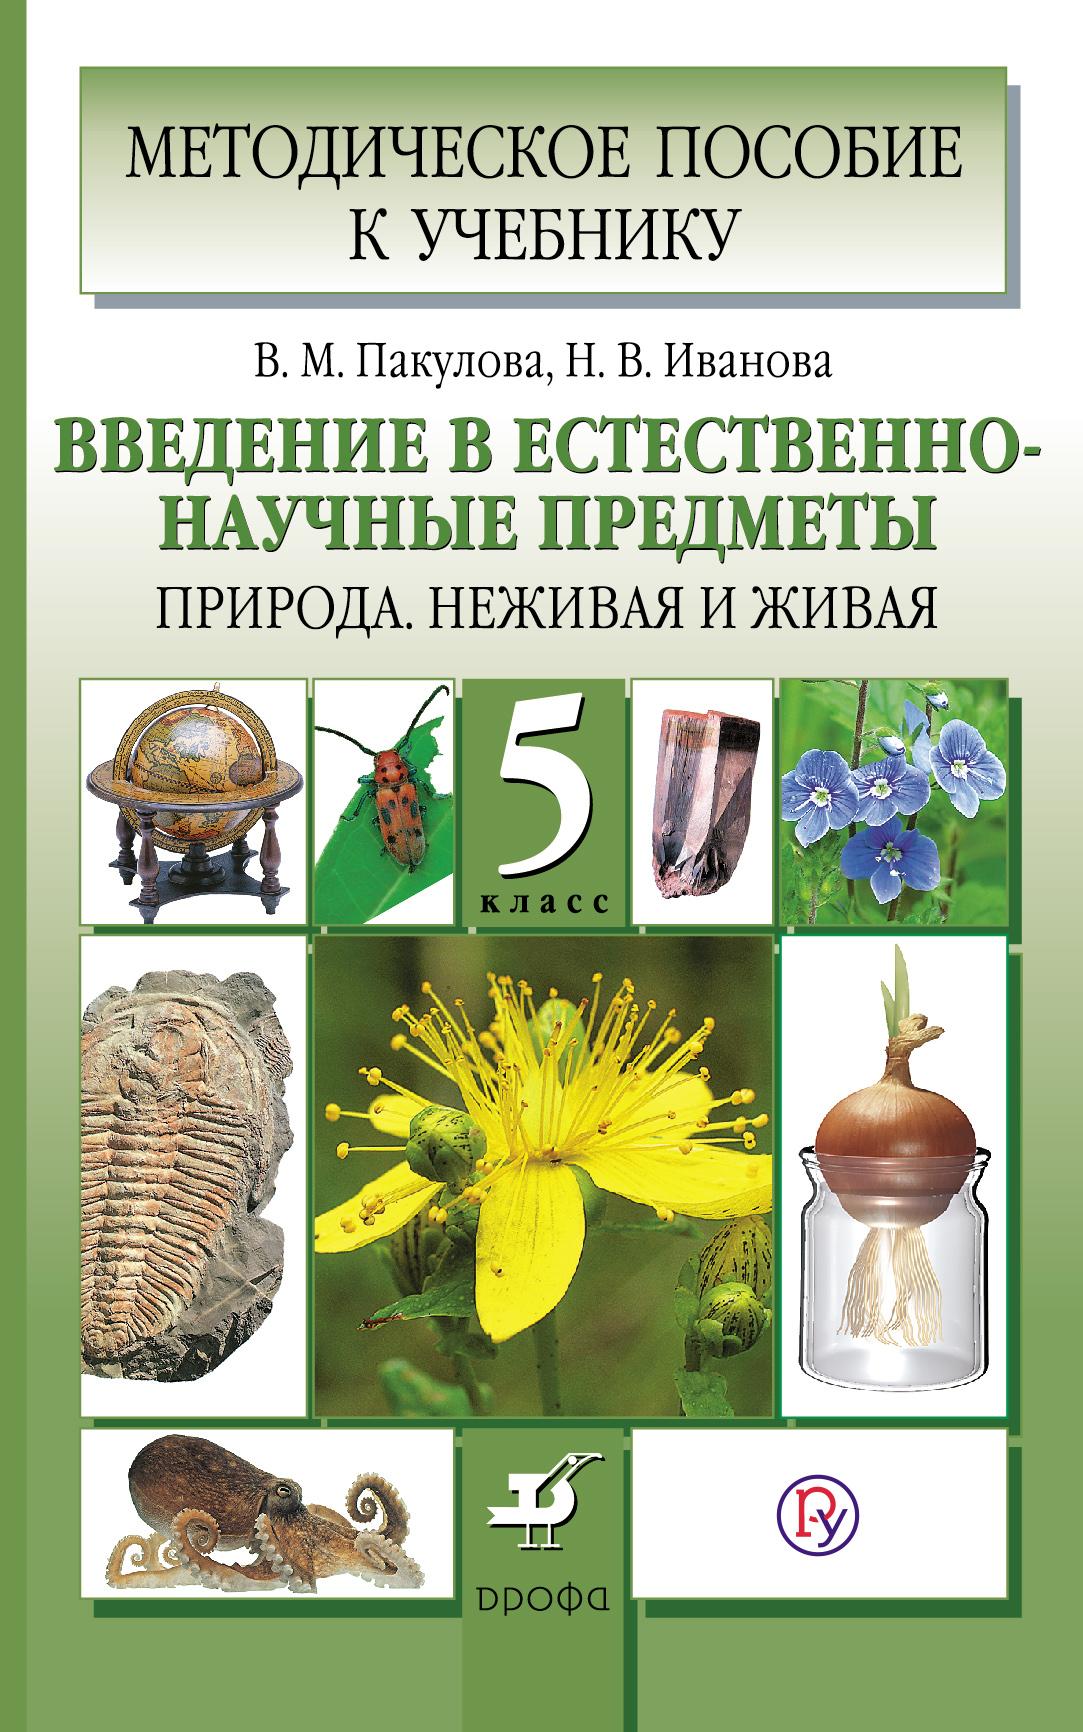 Введение в естественно-научные предметы.Природа.5кл.Методическое пособие (ФГОС)